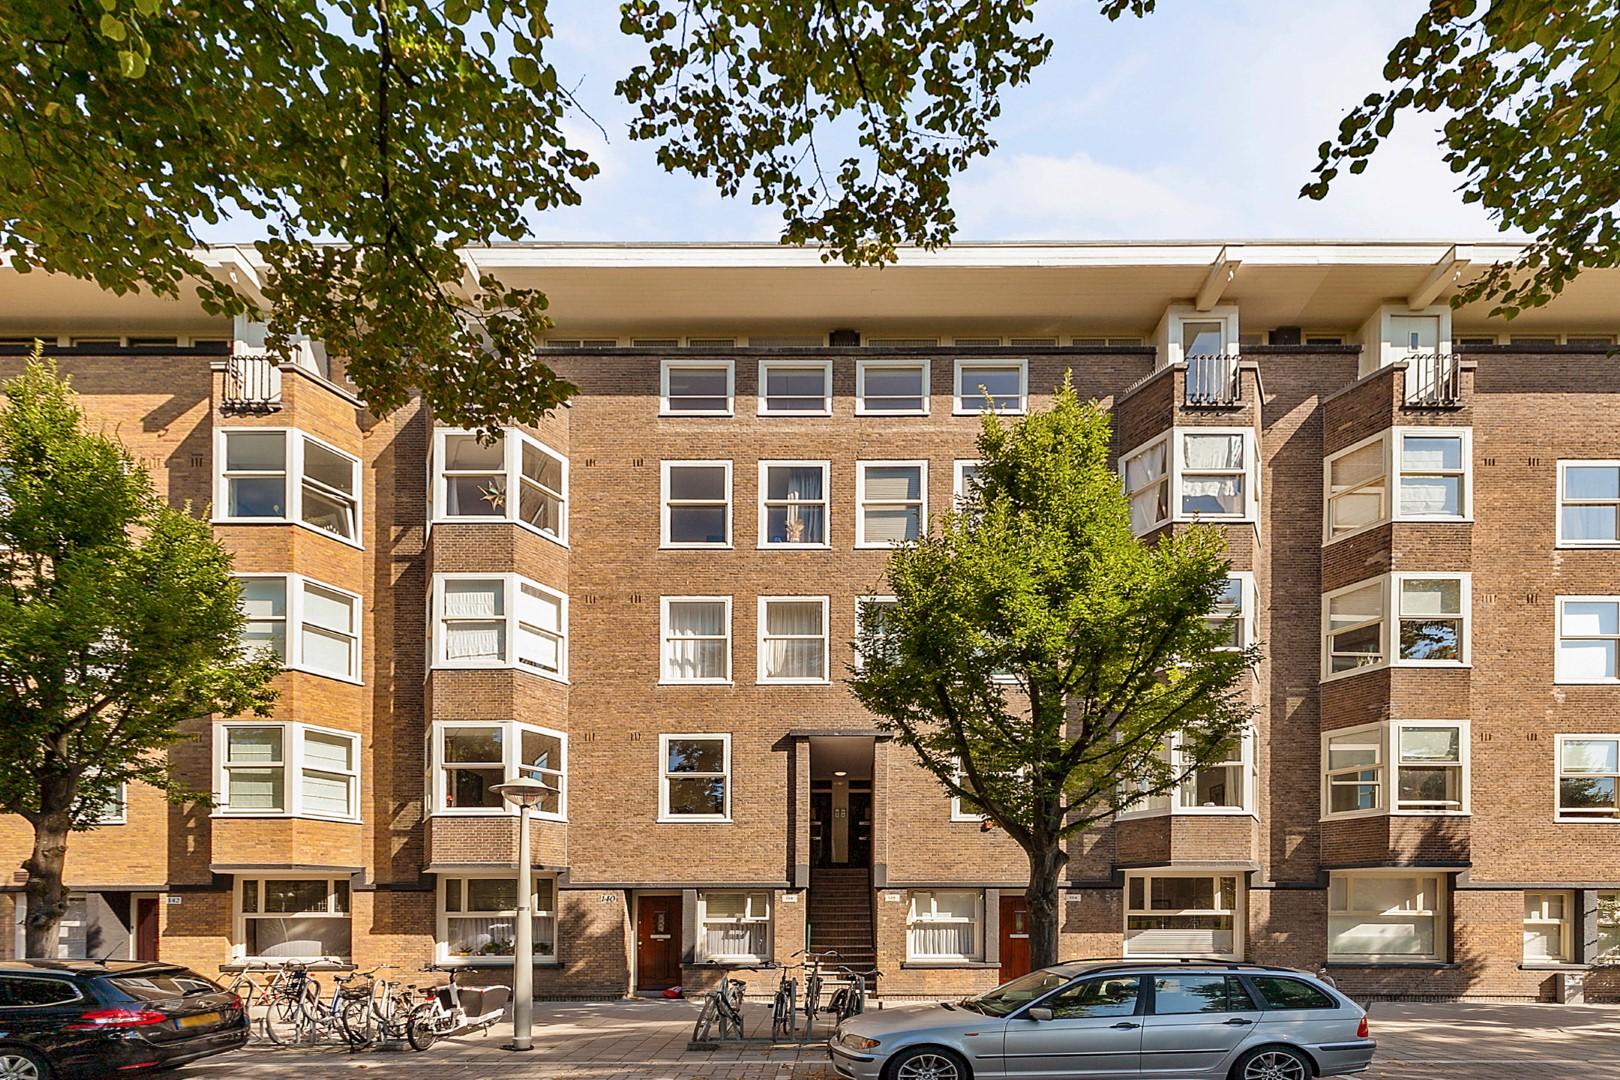 Van Tuyll van Serooskerkenweg 138-IV, Noord-Holland Nederland, 2 Slaapkamers Slaapkamers, ,1 BadkamerBadkamers,Appartement,Huur,Van Tuyll van Serooskerkenweg ,4,1299